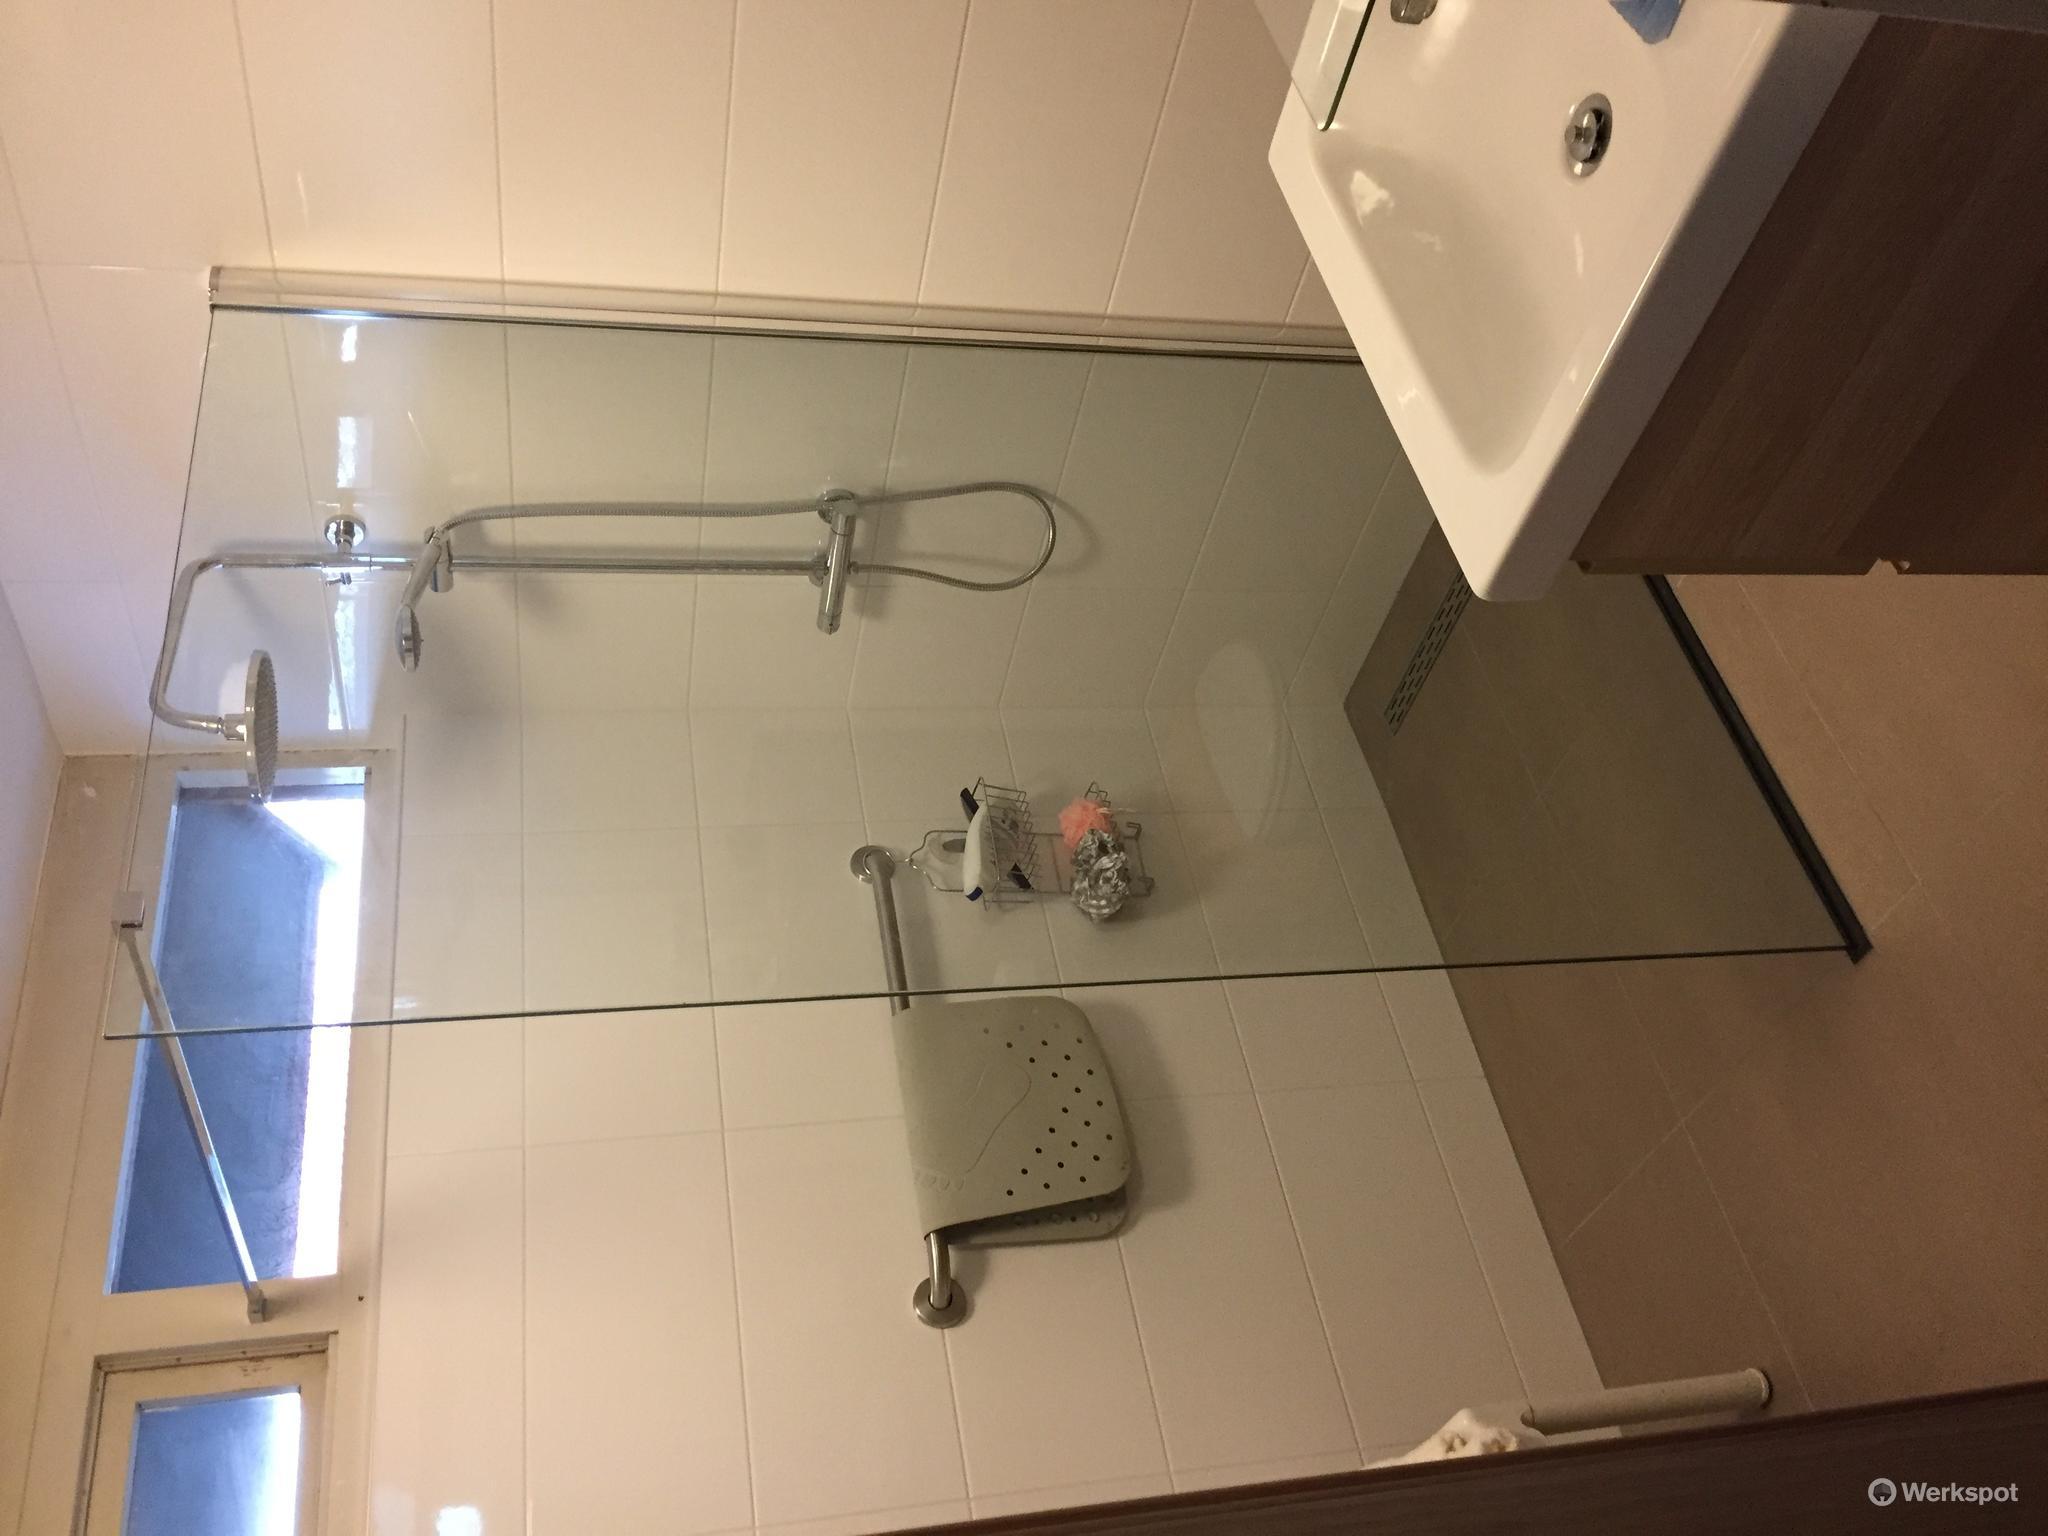 Ikea Badkamer Wasmanden : Badkamer ideeen ikea 174mzq. good liefelijk peuterbed ikea with